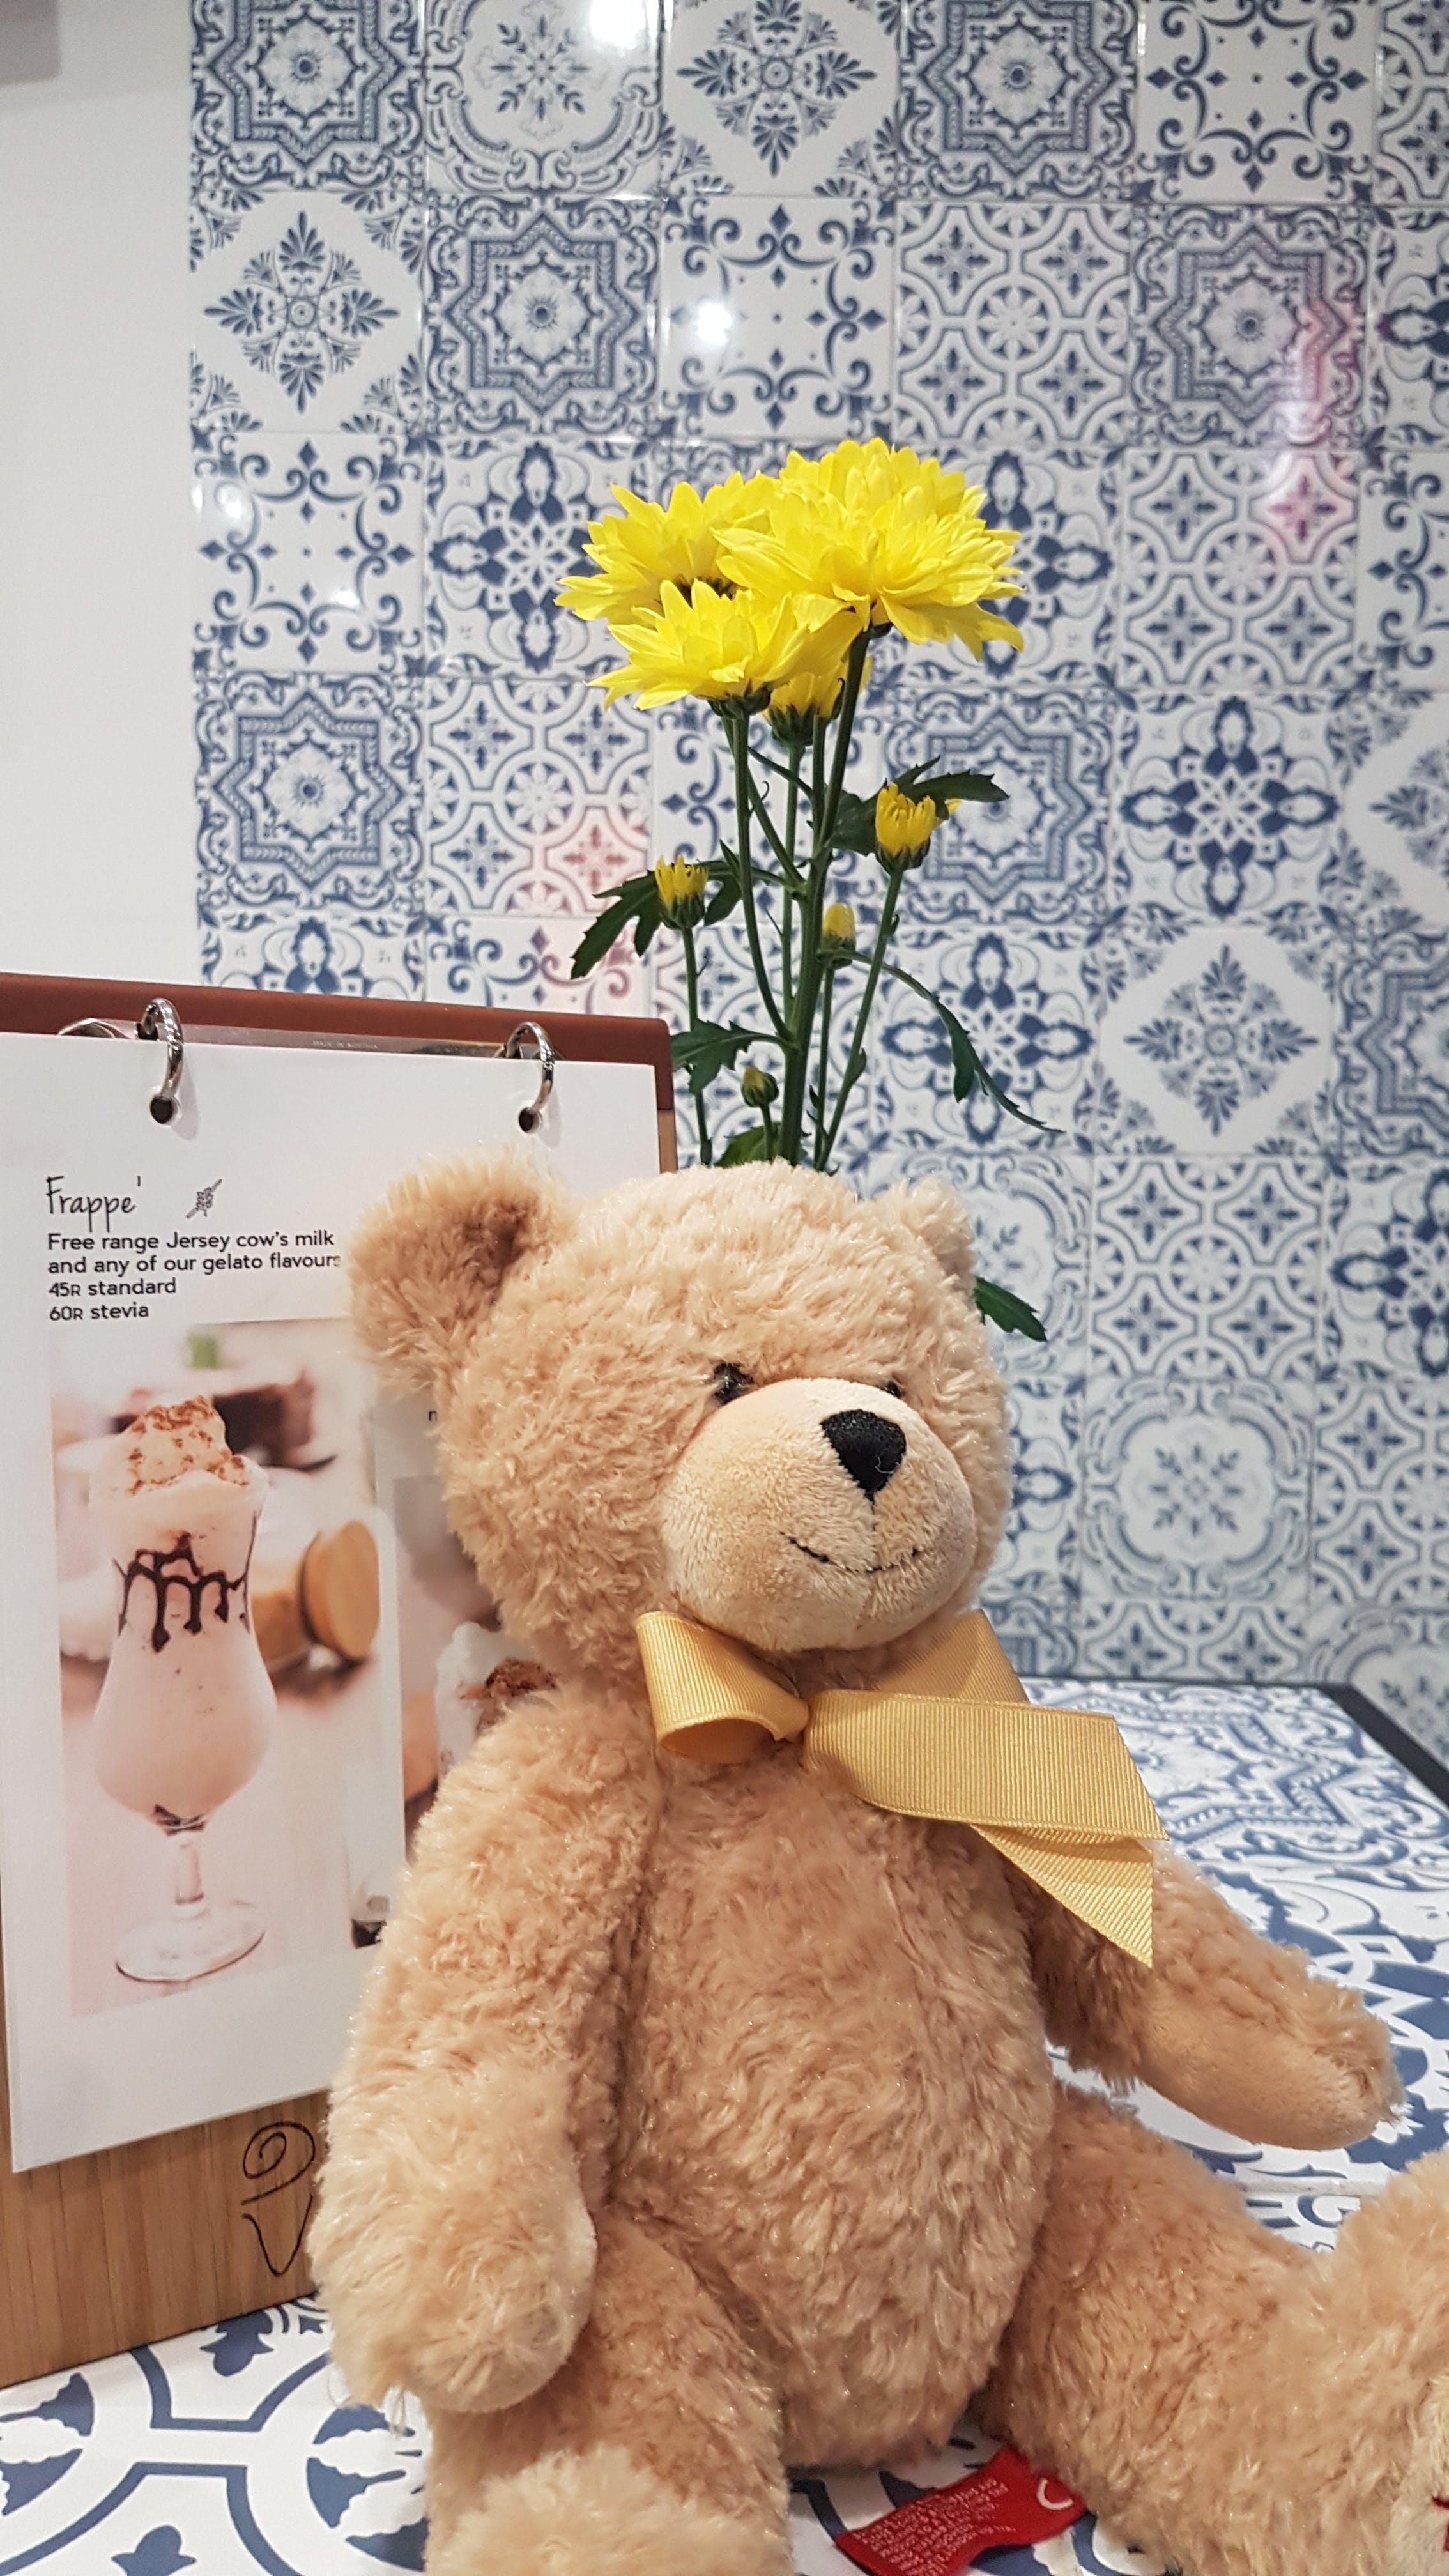 Kostenloses Stock Foto zu eis, gänseblümchen, gelato, gelbe blumen